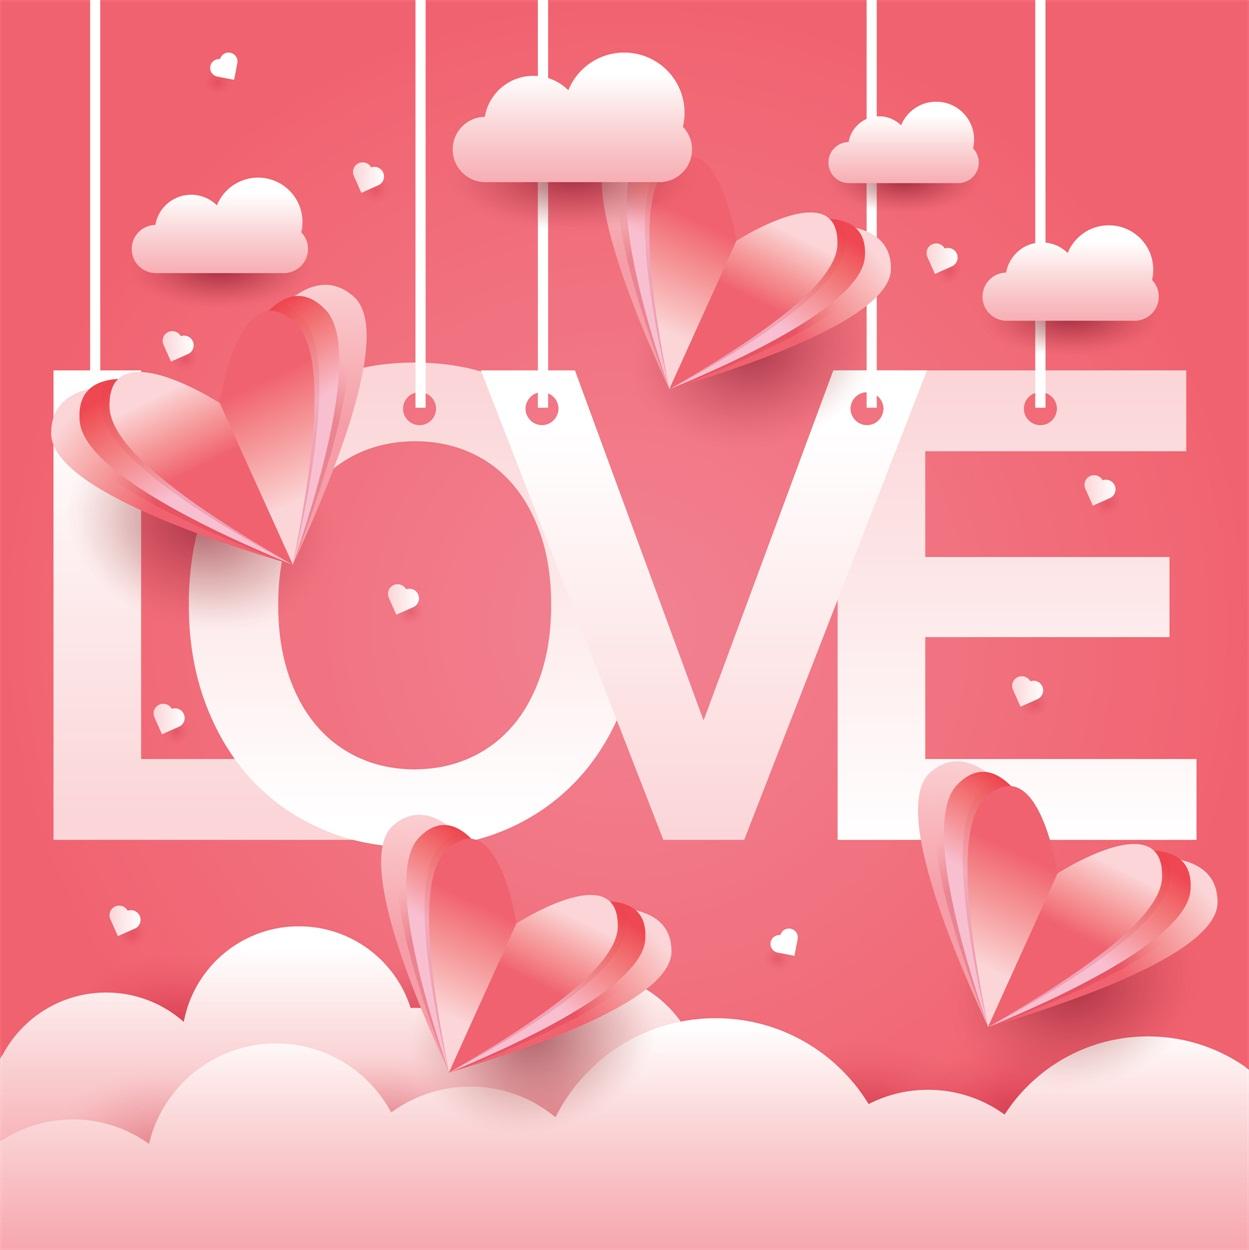 22款情人节七夕节购物促销海报传单设计AI矢量素材 Valentines day Poster Vector Material插图6